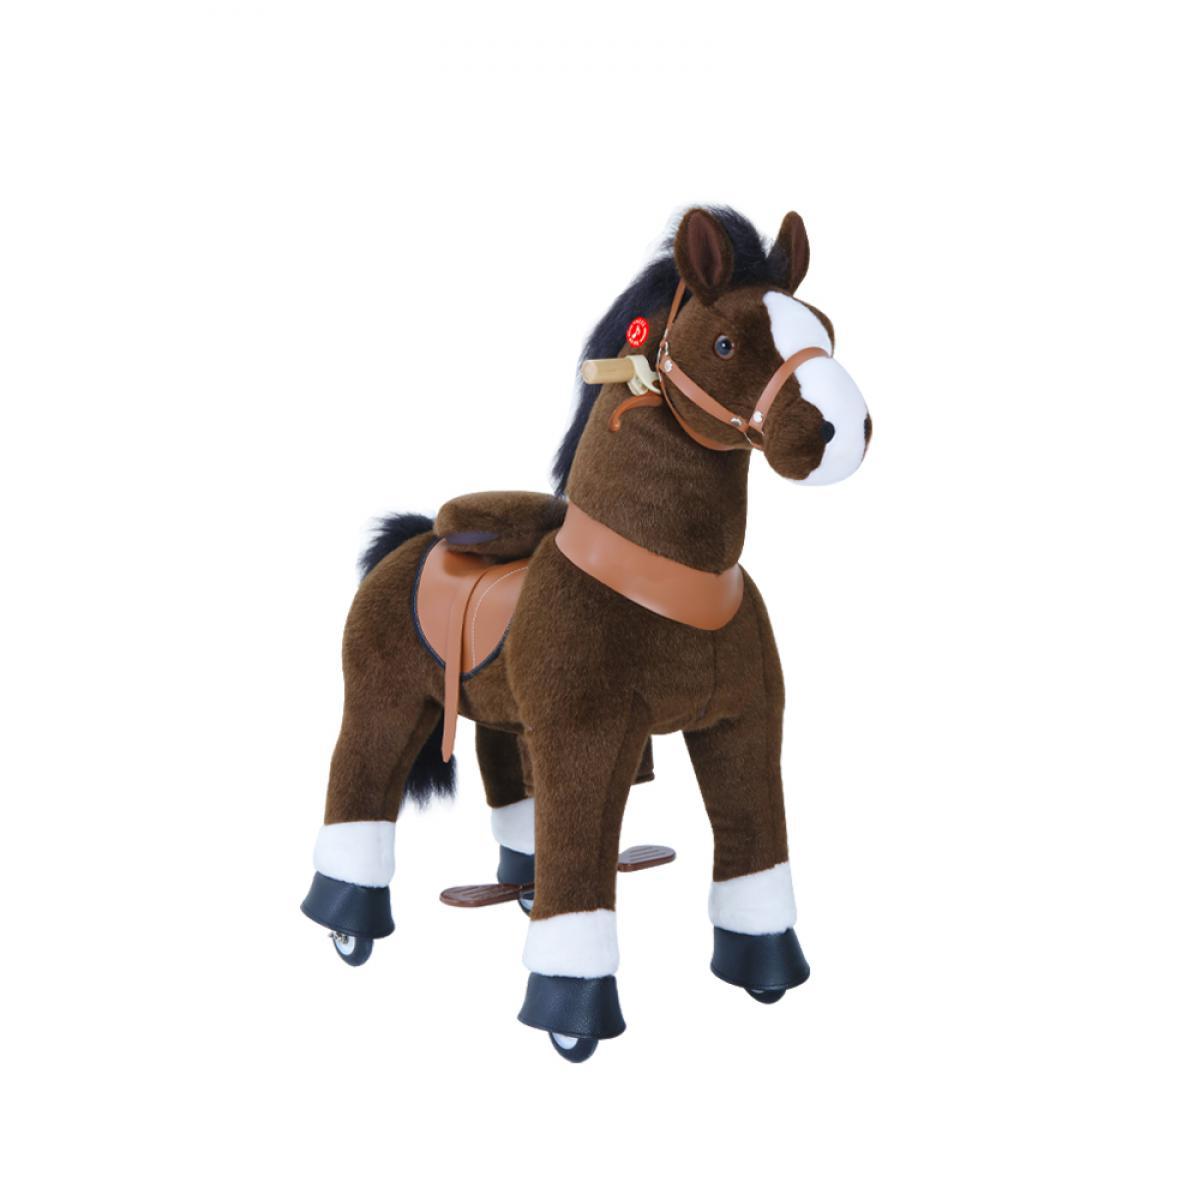 Ponycycle PonyCycle Poney à monter Brun chocolat avec sabot blanc Petit Modèle pour 3 à 5 ans